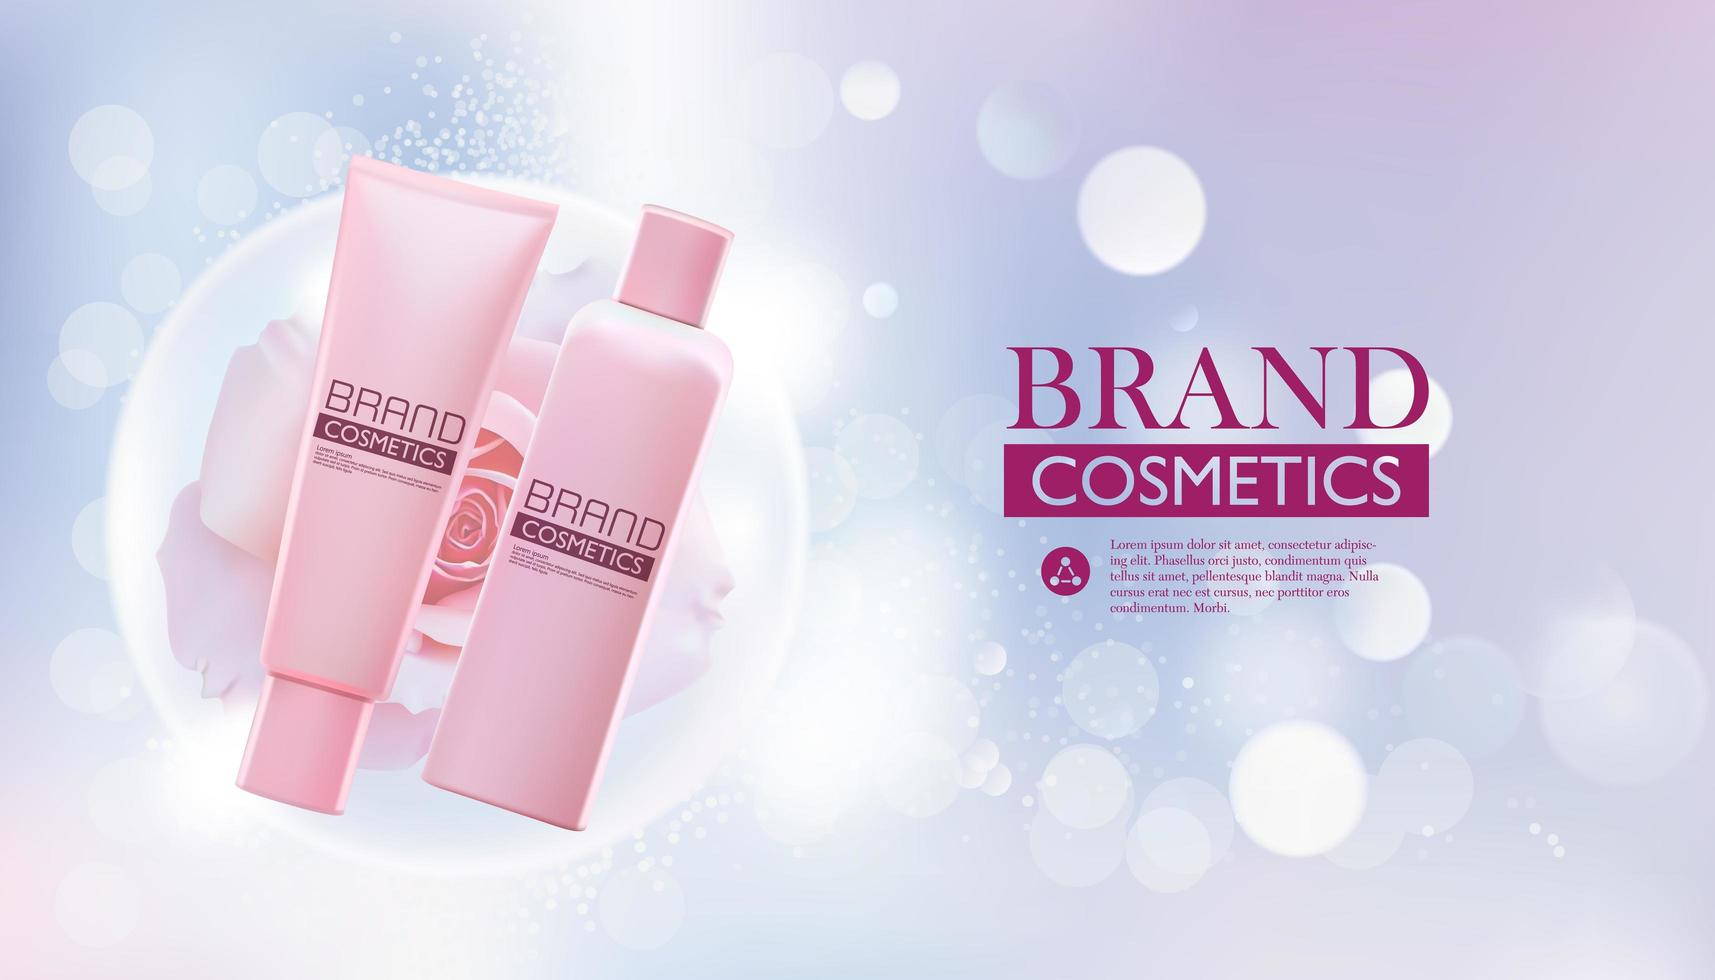 modelo de pacote de beleza cosmética realista vetor